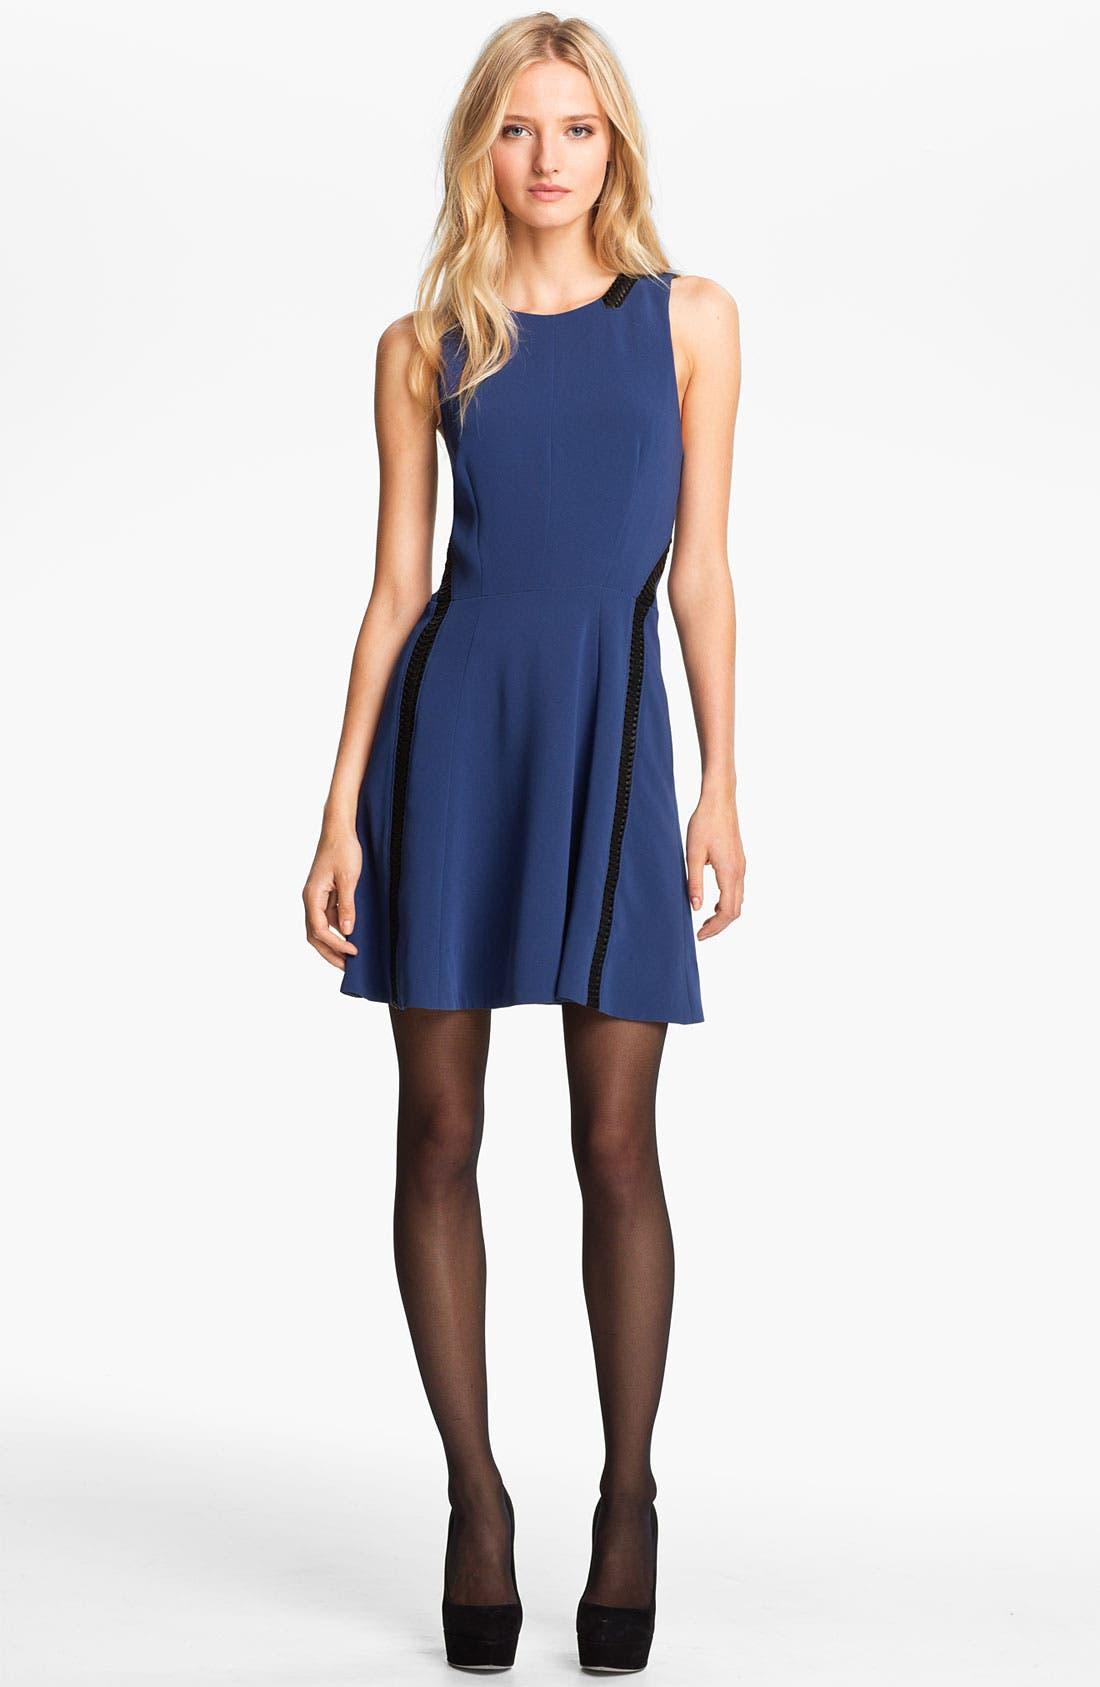 Alternate Image 1 Selected - rag & bone 'Renard' Full Skirt Dress